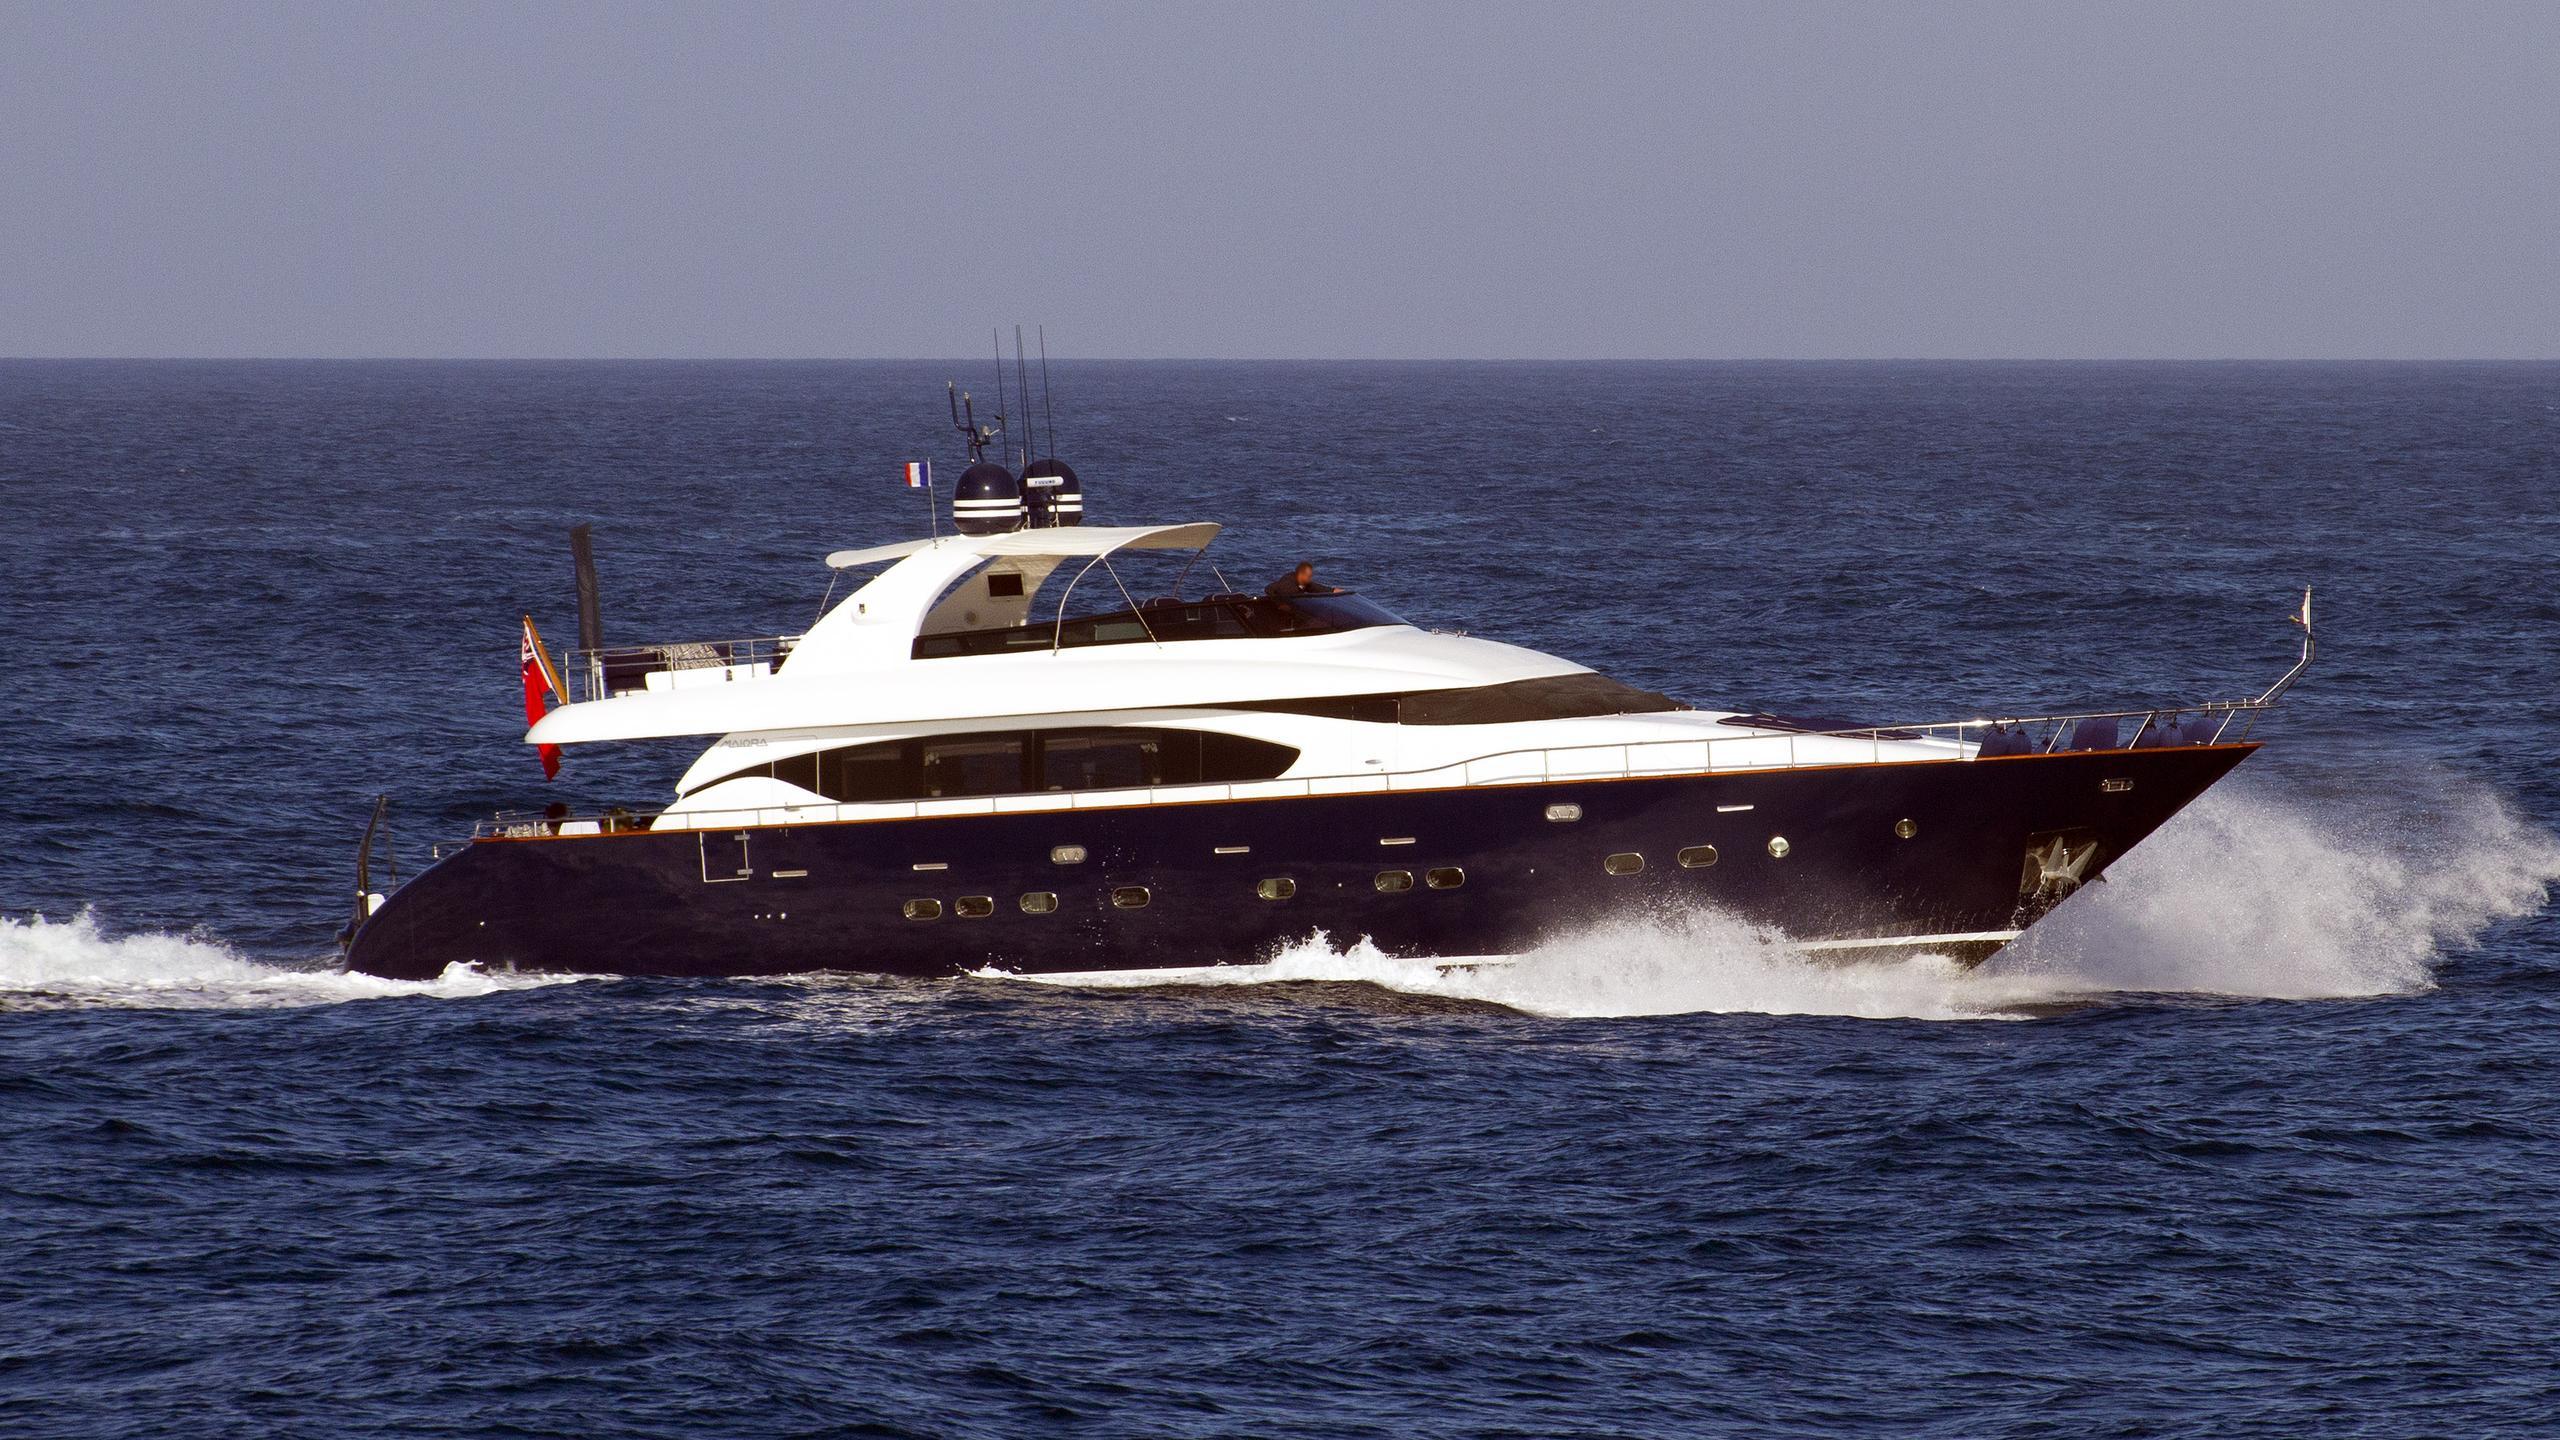 asha-motor-yacht-Maiora-27-2006-27m-running-profile